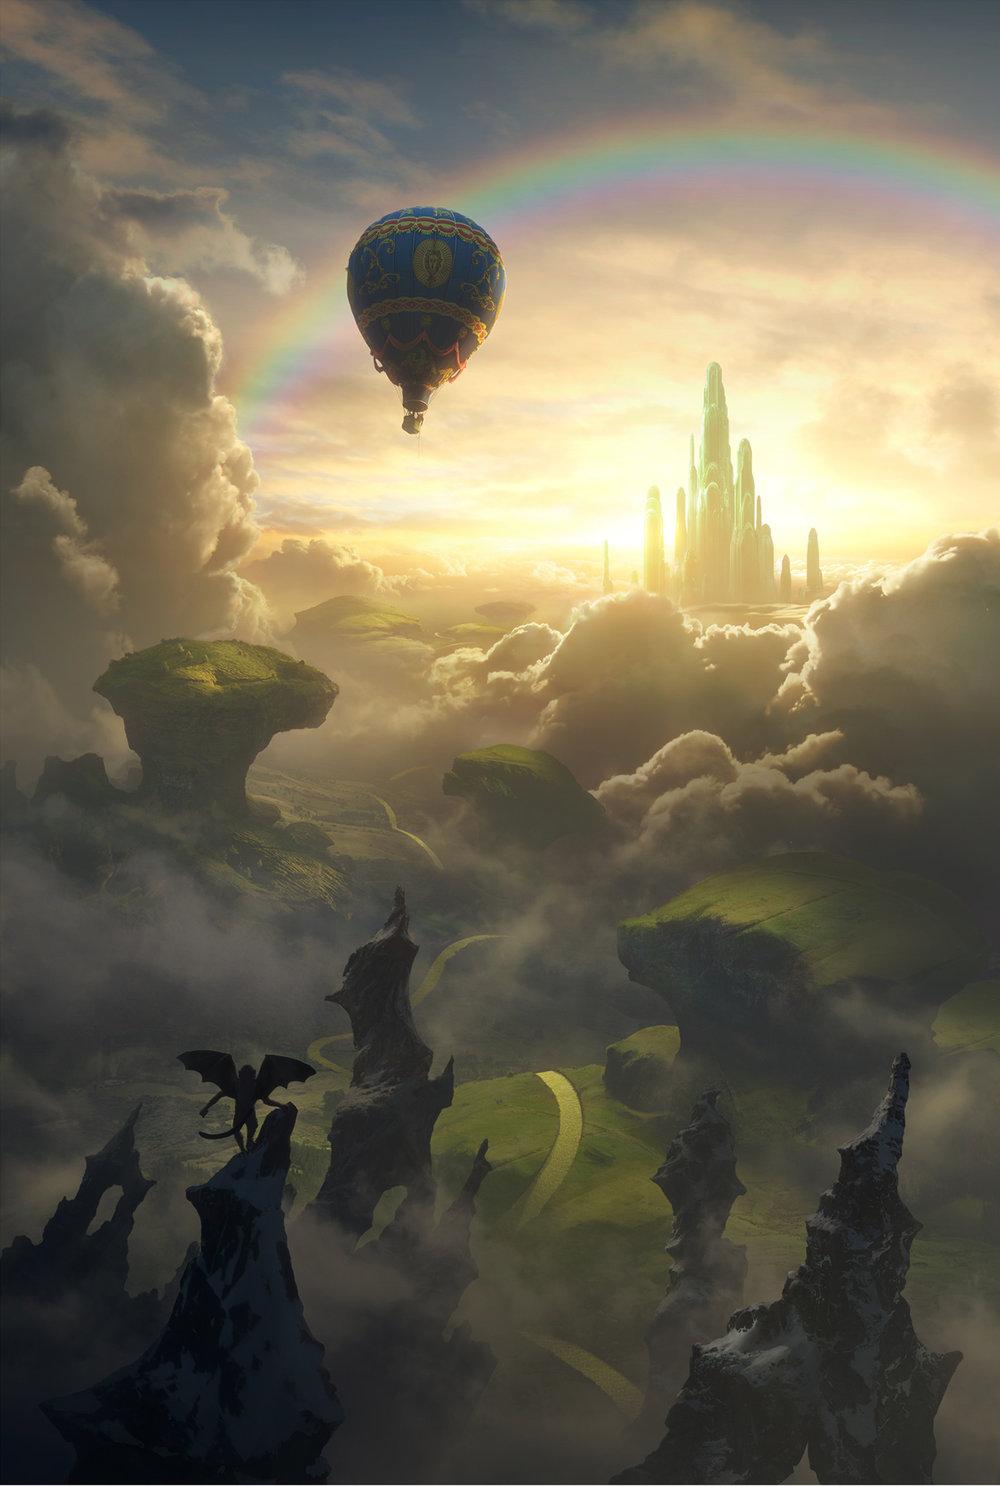 OZ_Balloon_Teaser_DC_v05.jpg